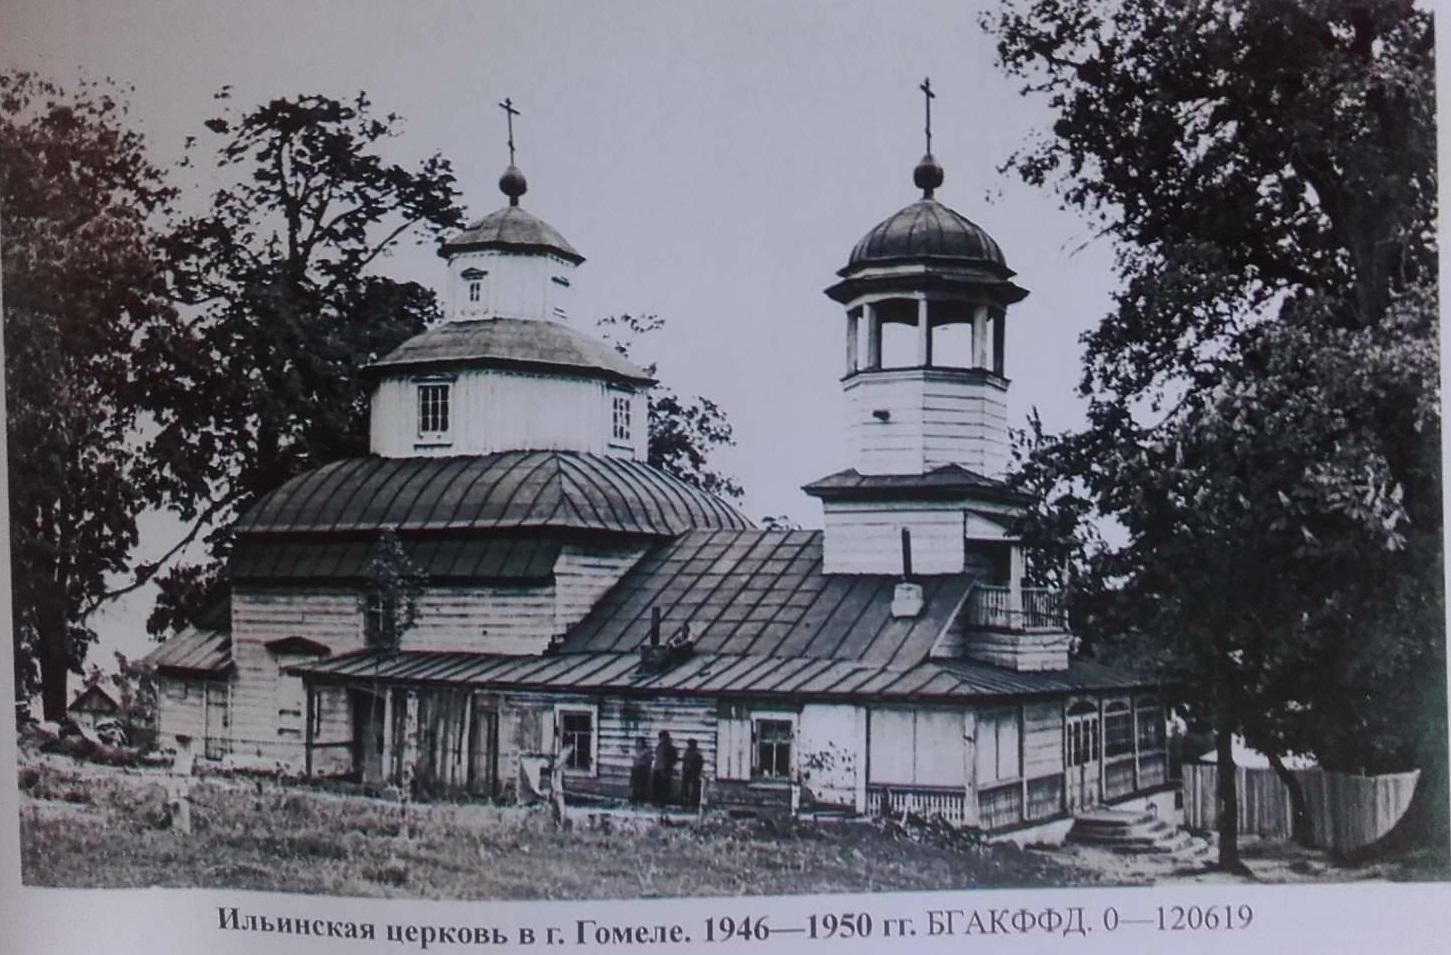 Ильинская старообрядческая церковь в Гомеле 1946 - 1950 гг.